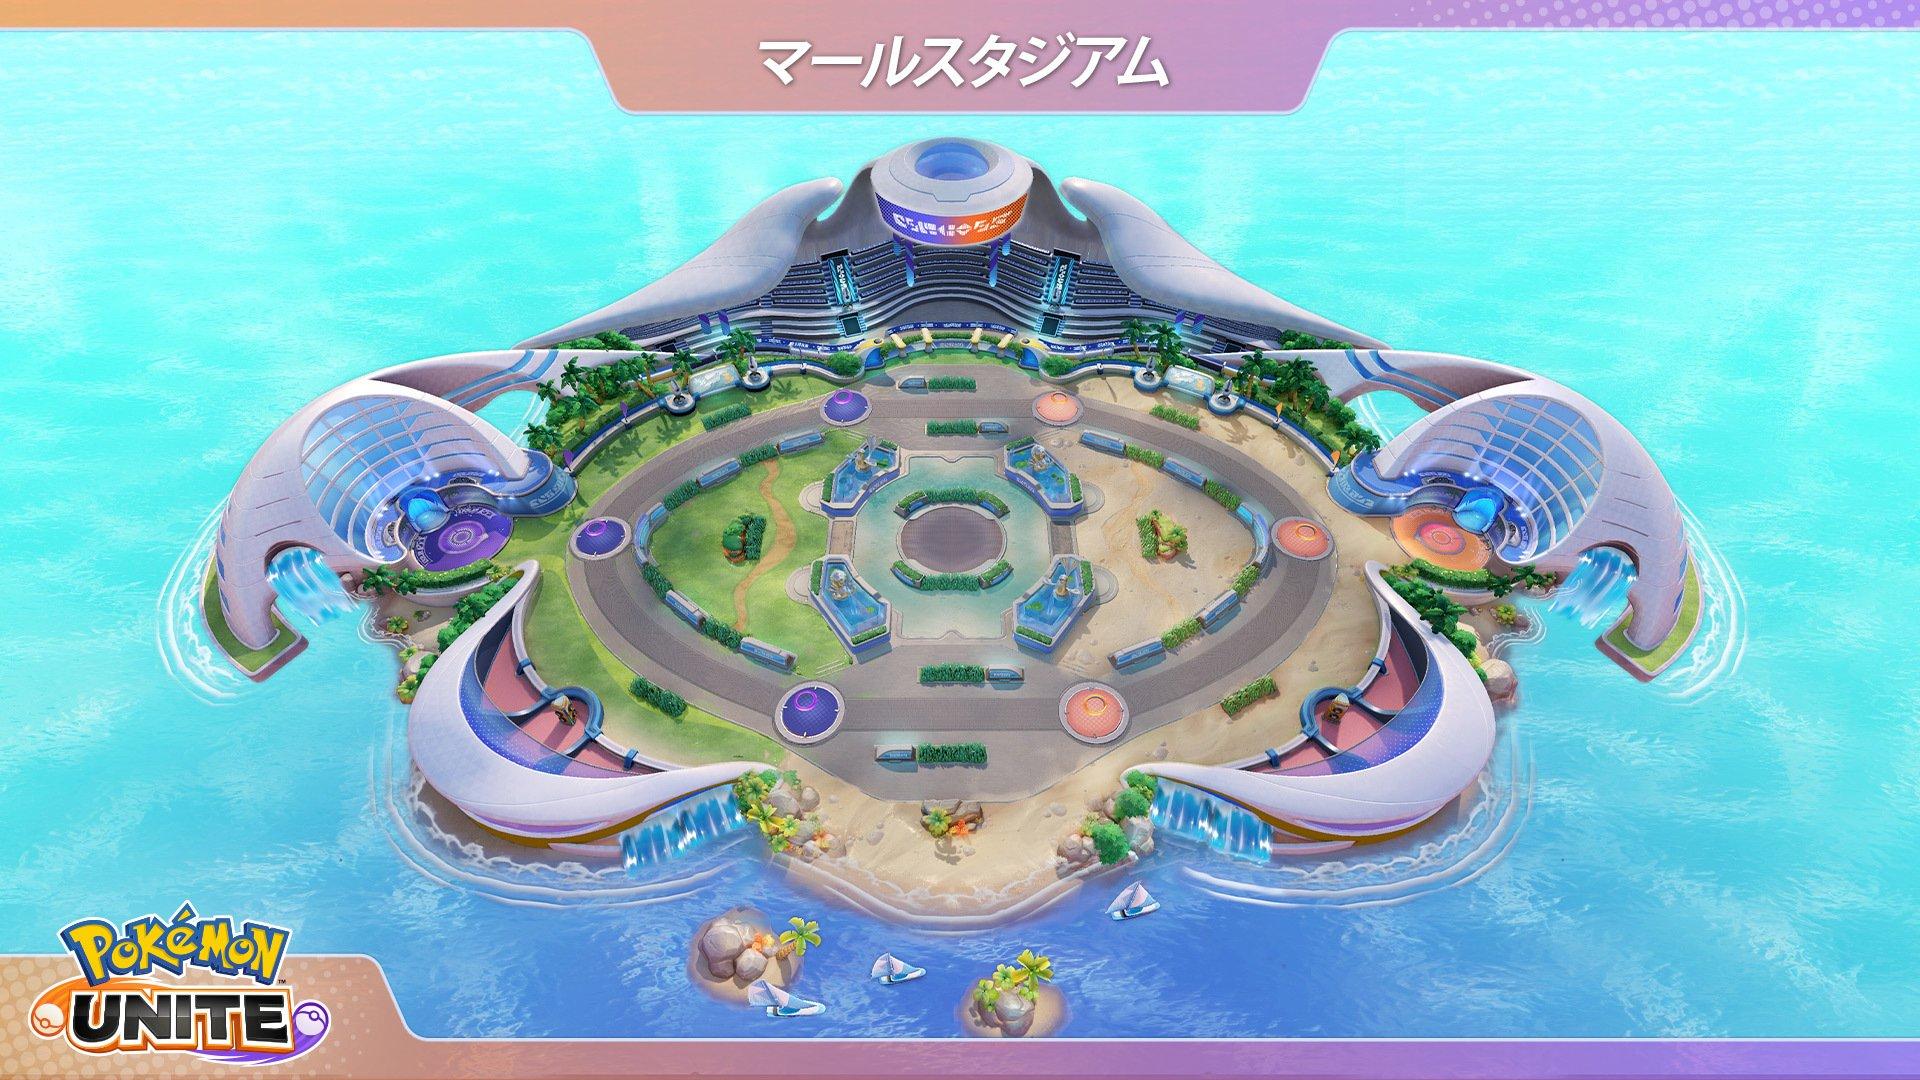 El mapa 4v4 de Pokémon Unite